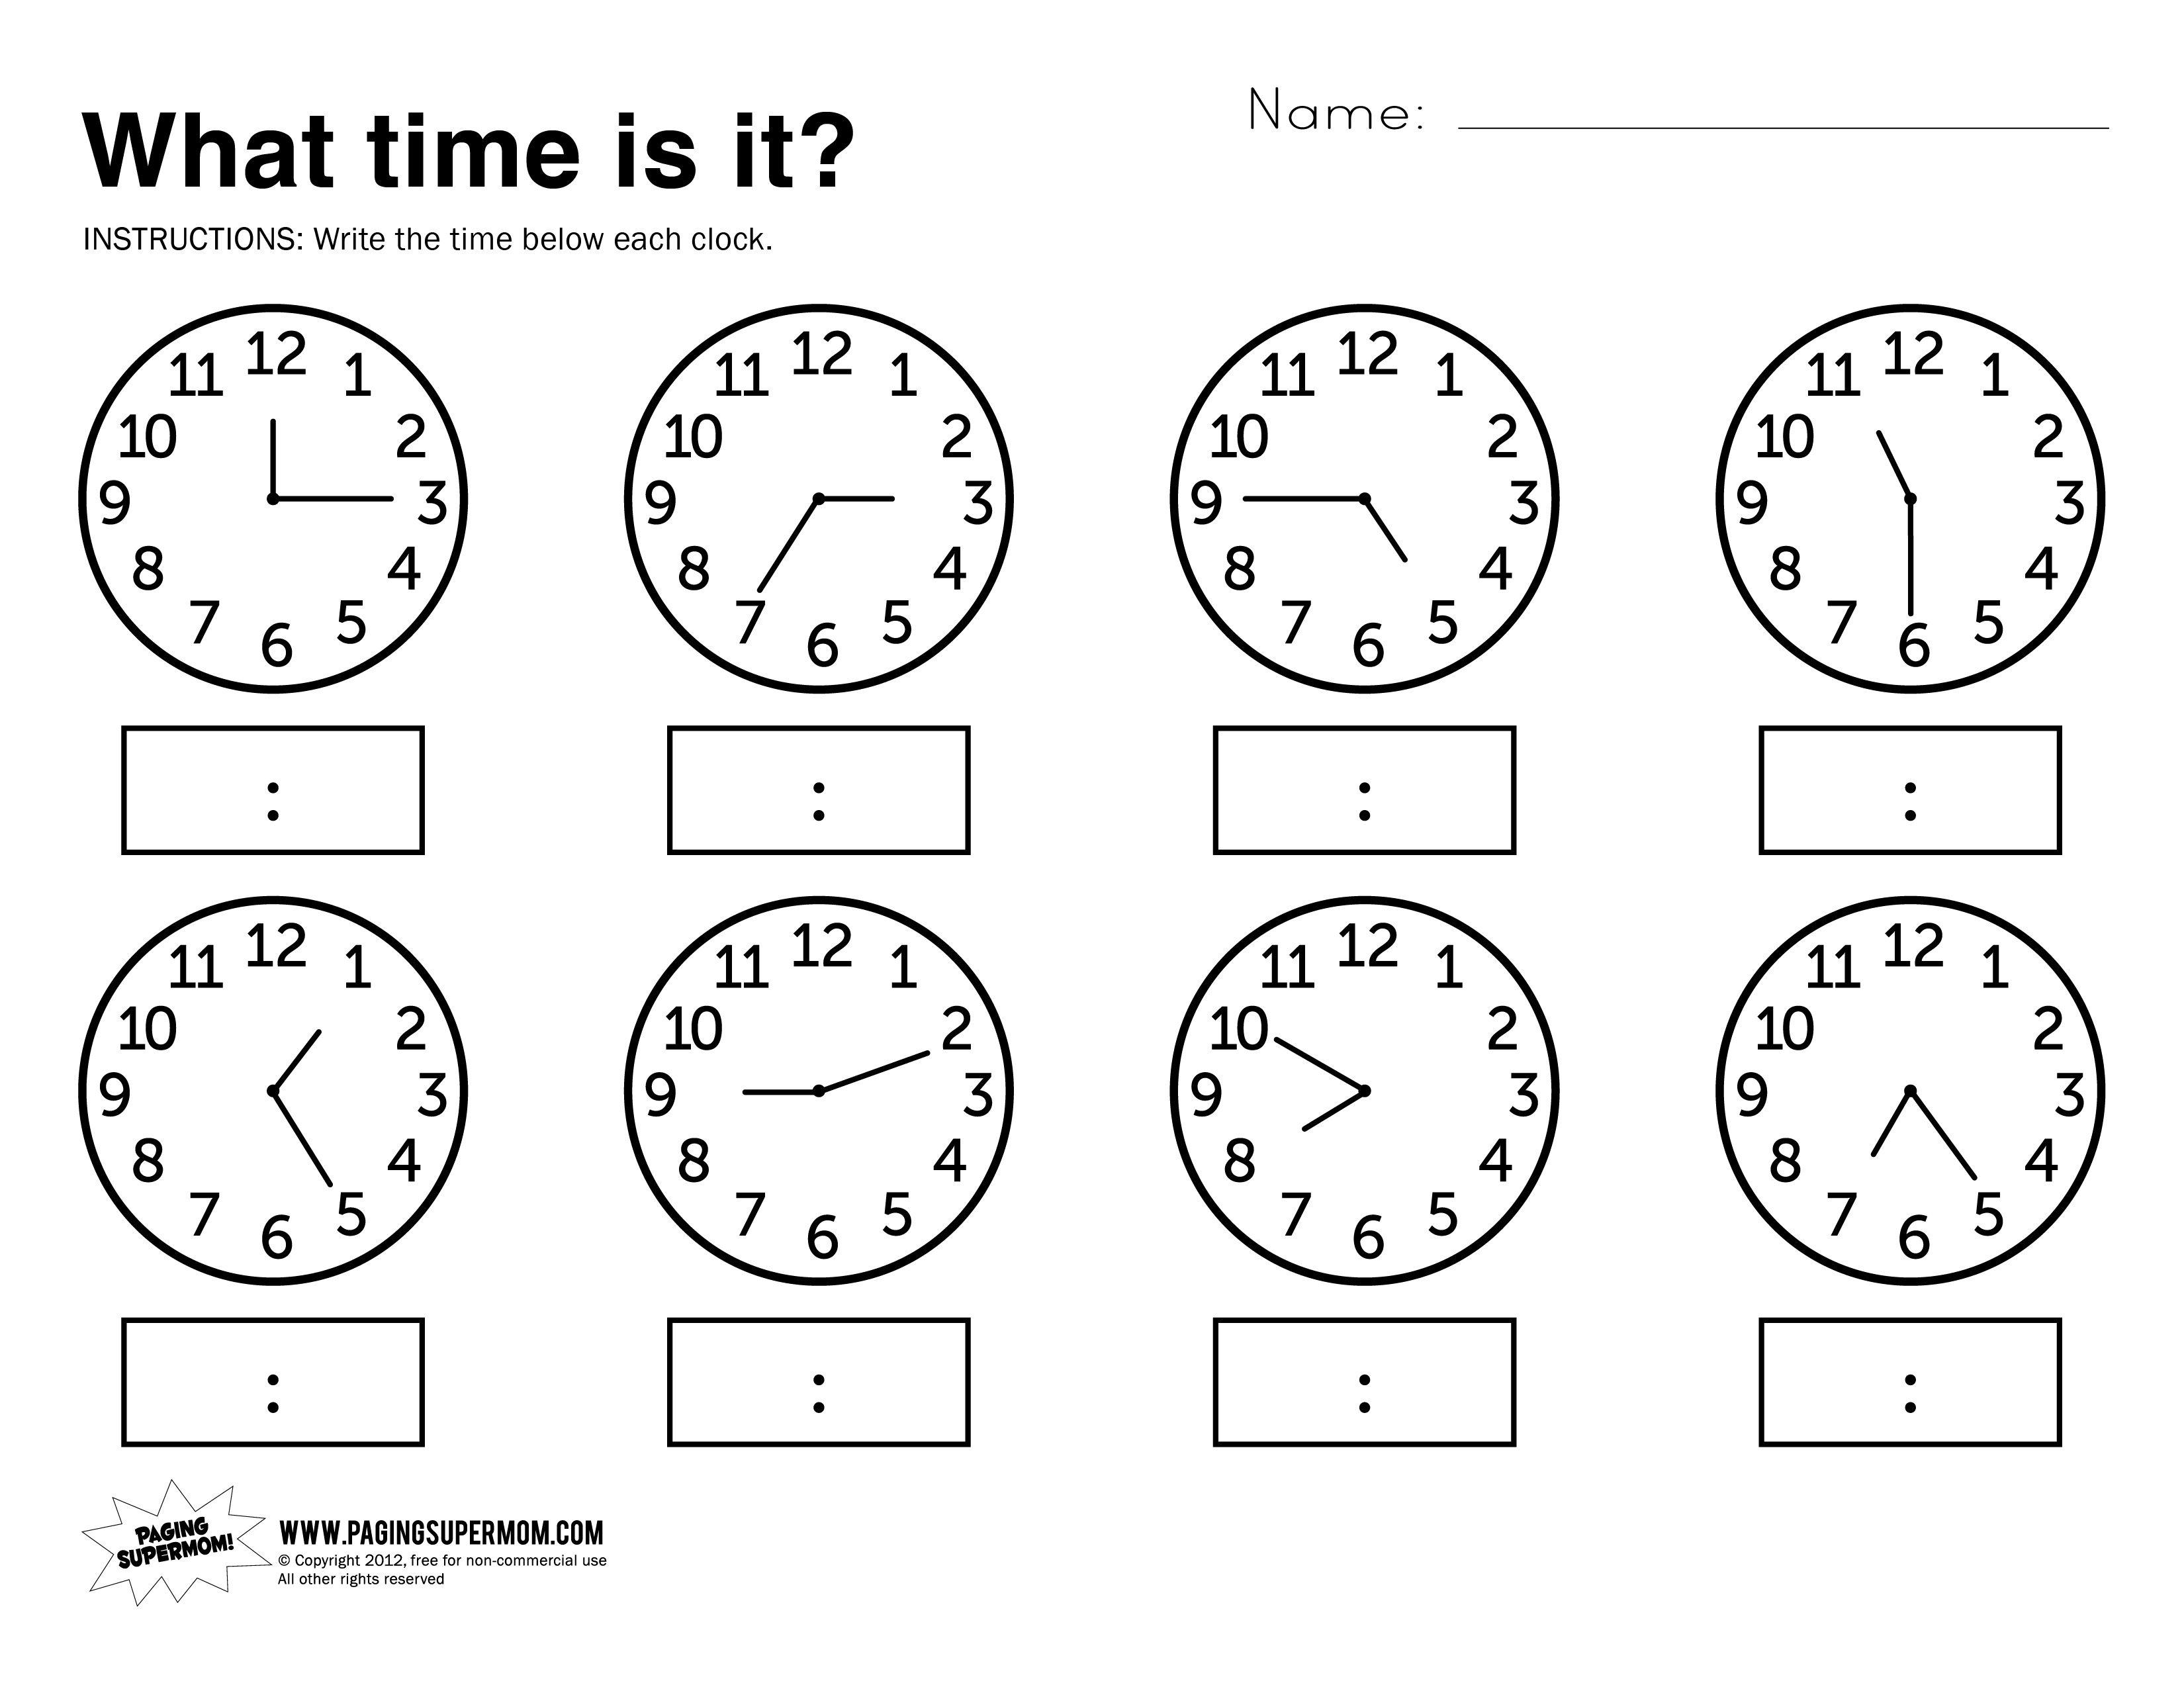 What Time Is It Printable Worksheet | Kolbie | Kindergarten - Free Printable Time Worksheets For Kindergarten